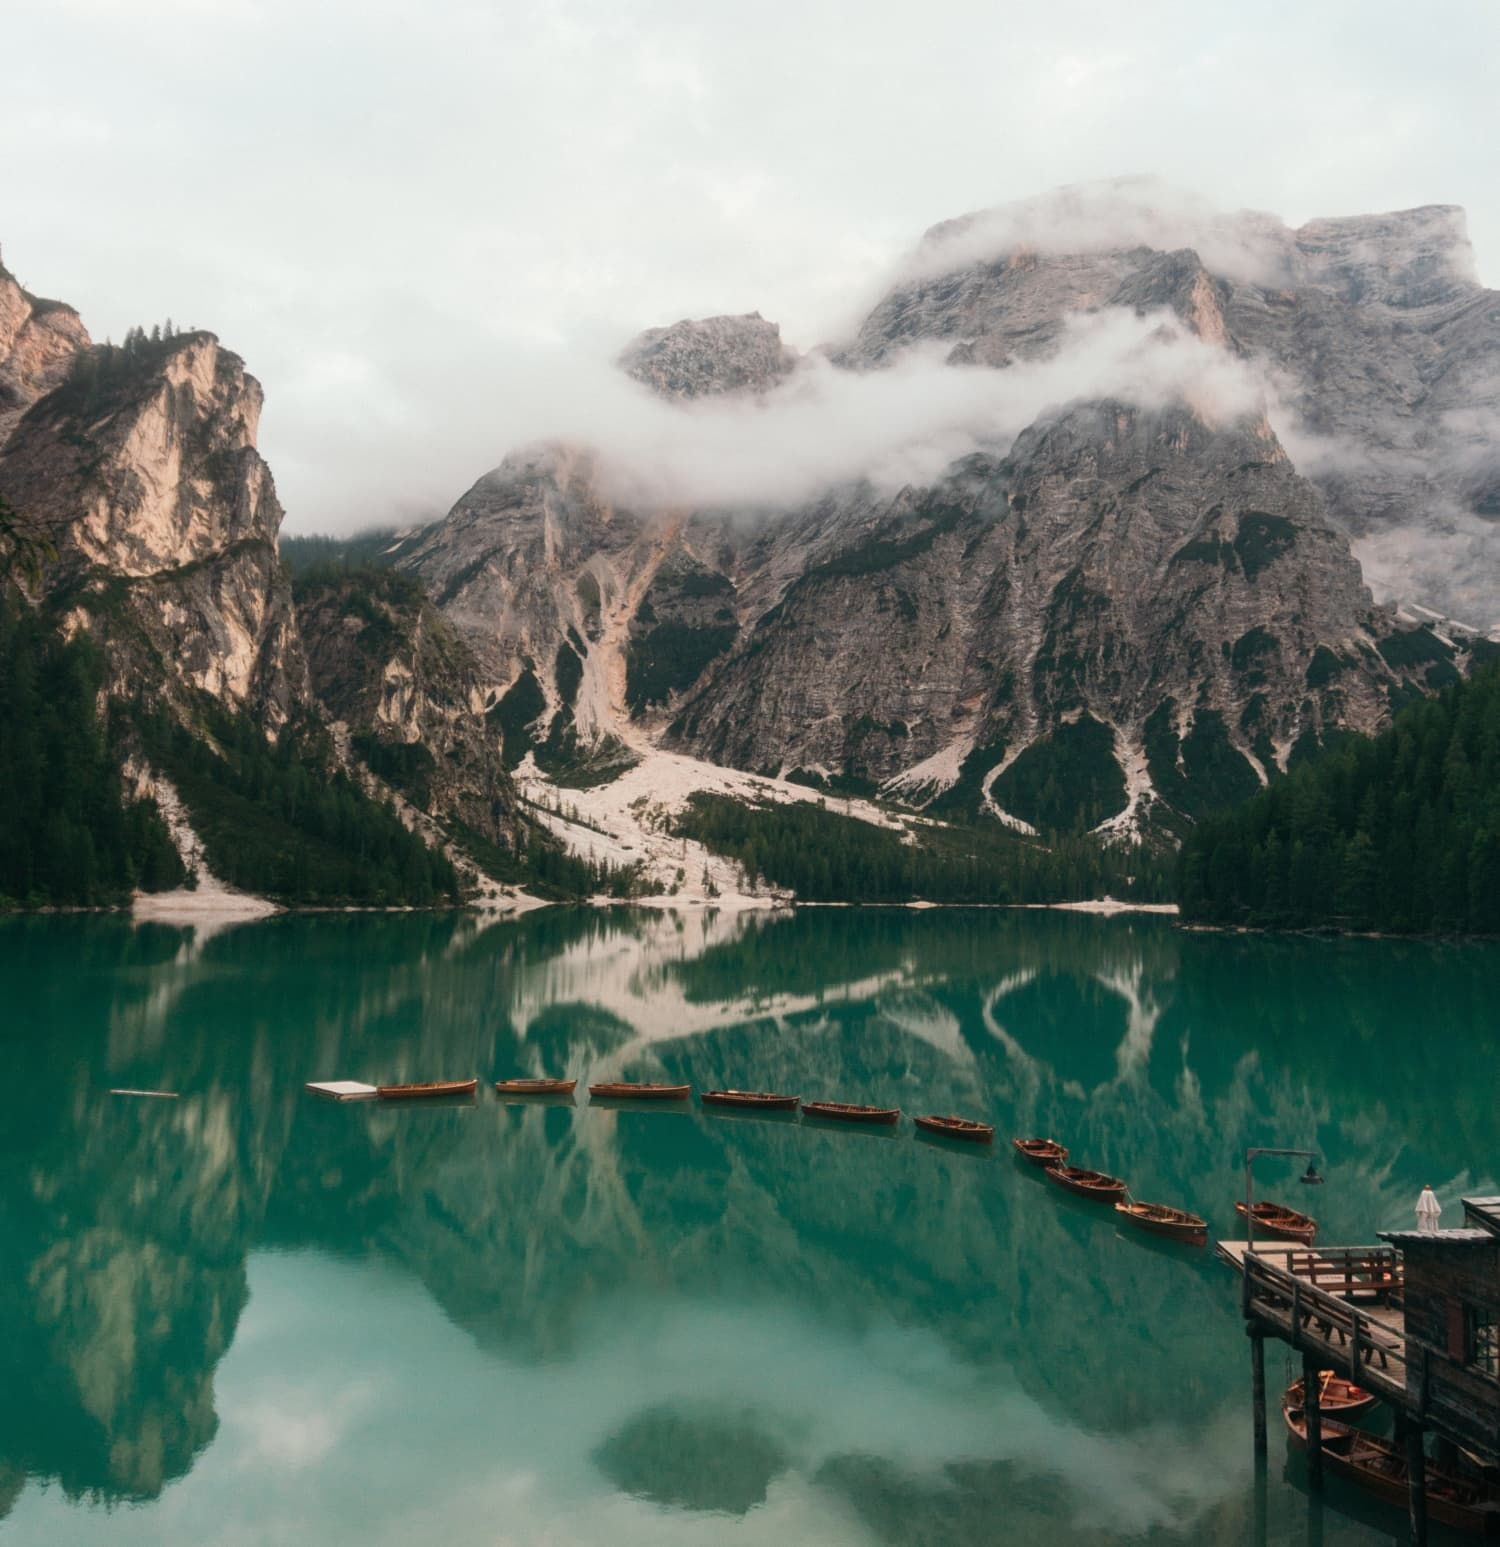 Türkiser Bergsee mit alten Booten und Wolken.